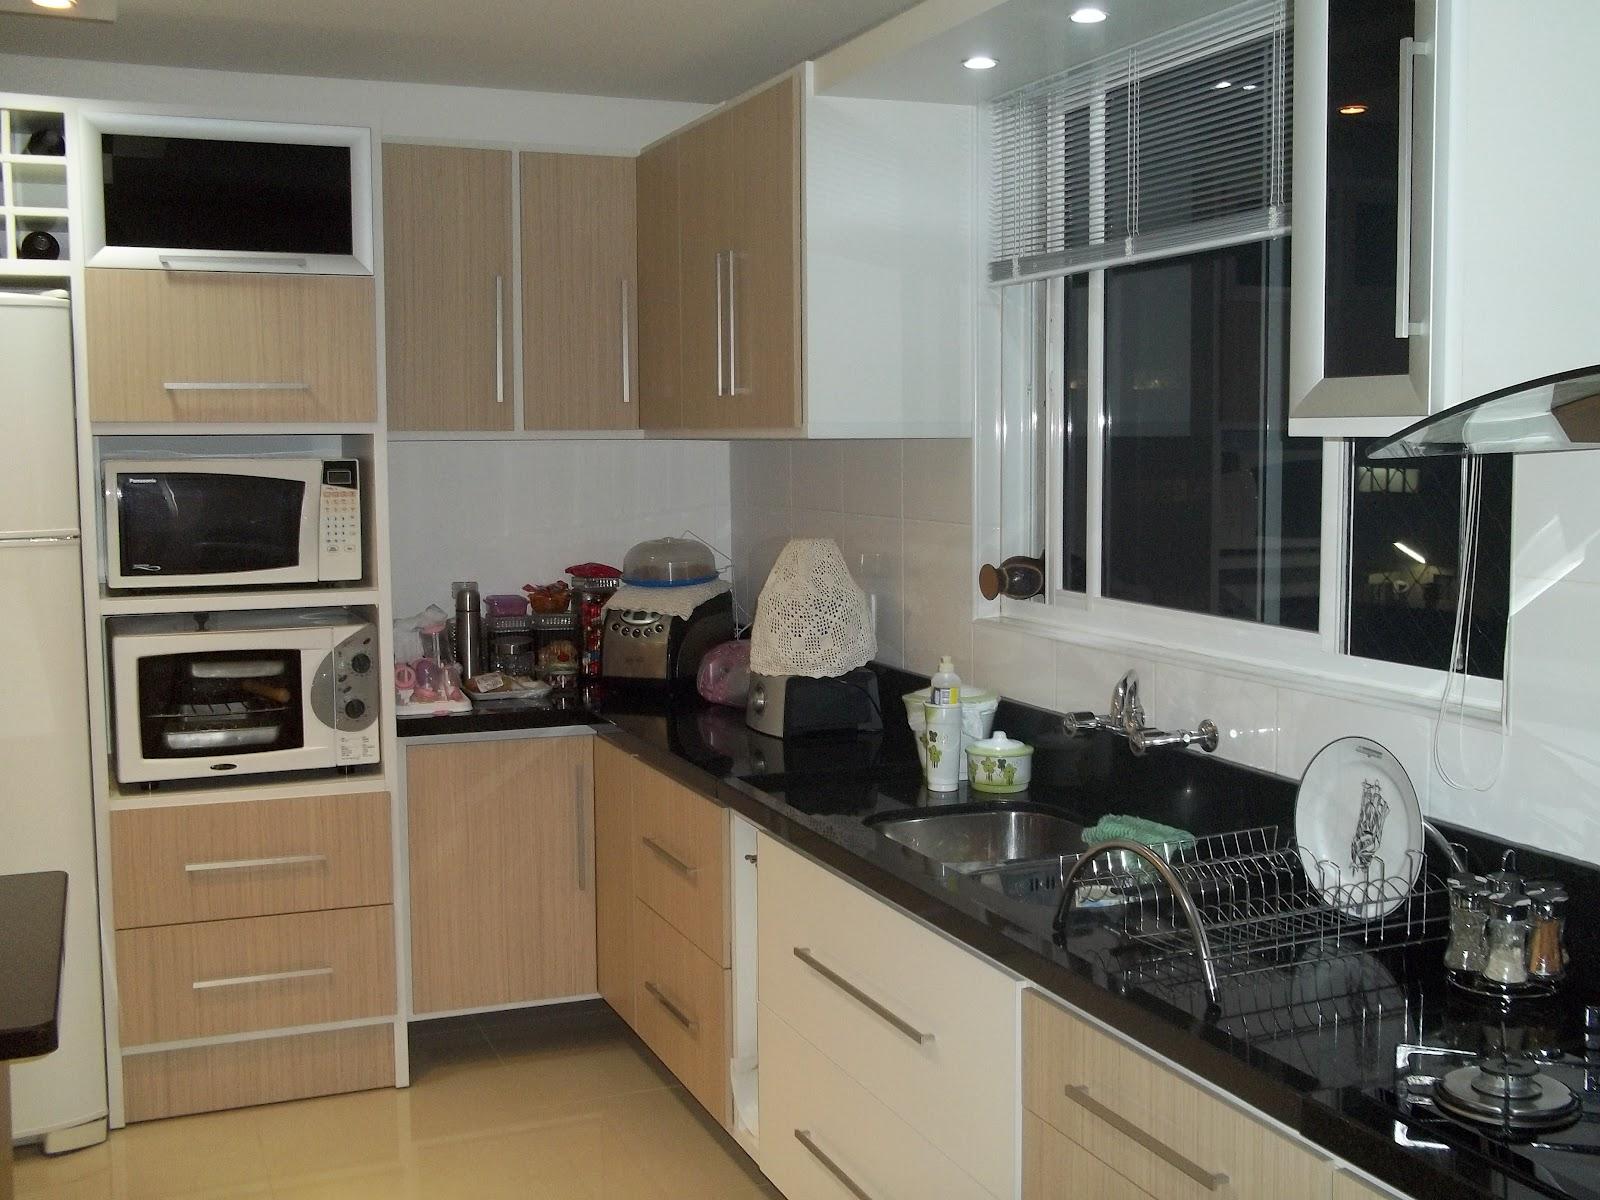 moveis sob medida: móveis para cozinha #80694B 1600 1200